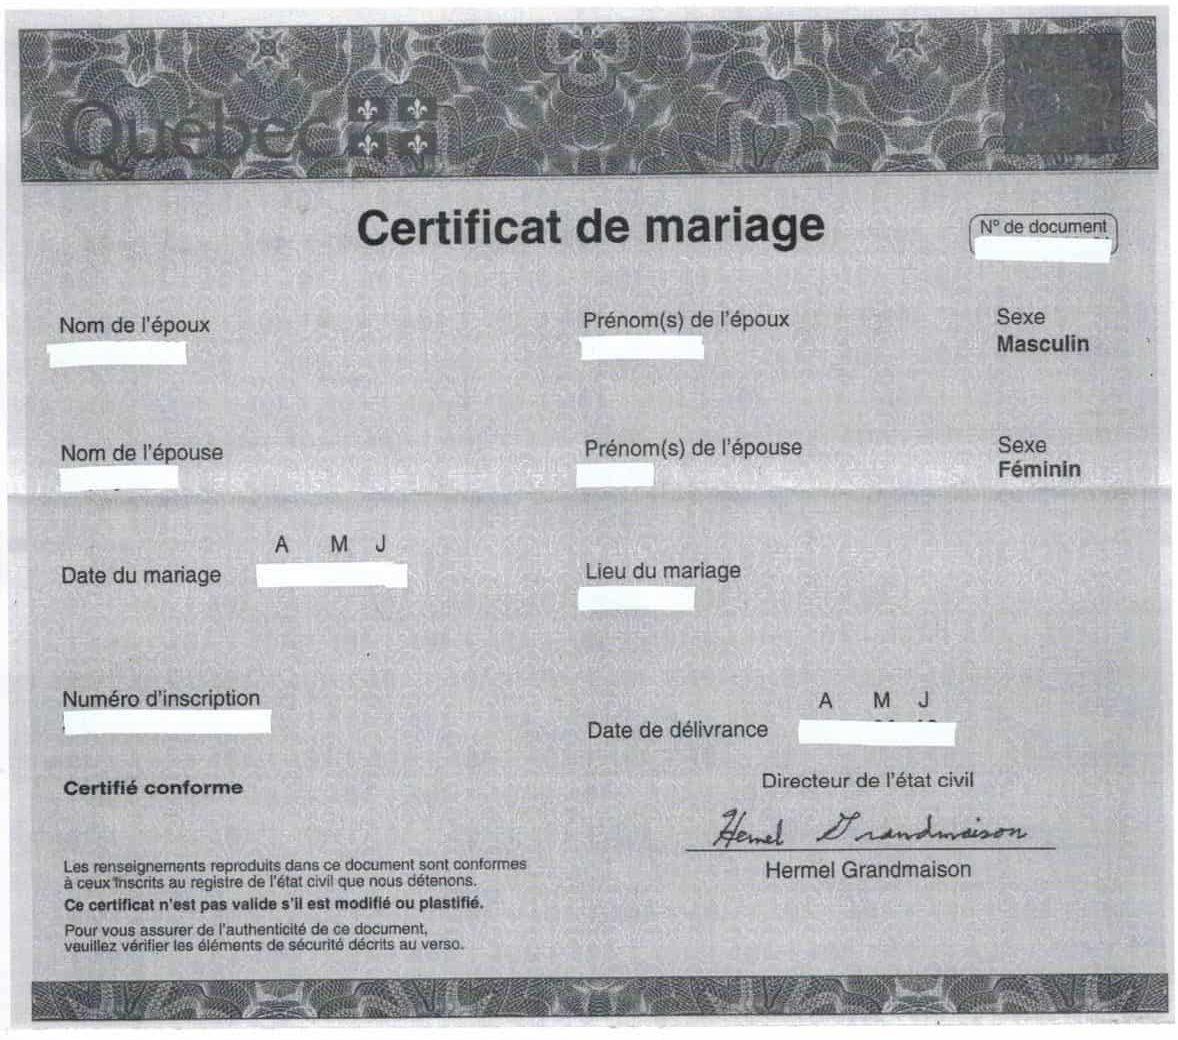 certificat de mariage ou acte de mariage au quebec